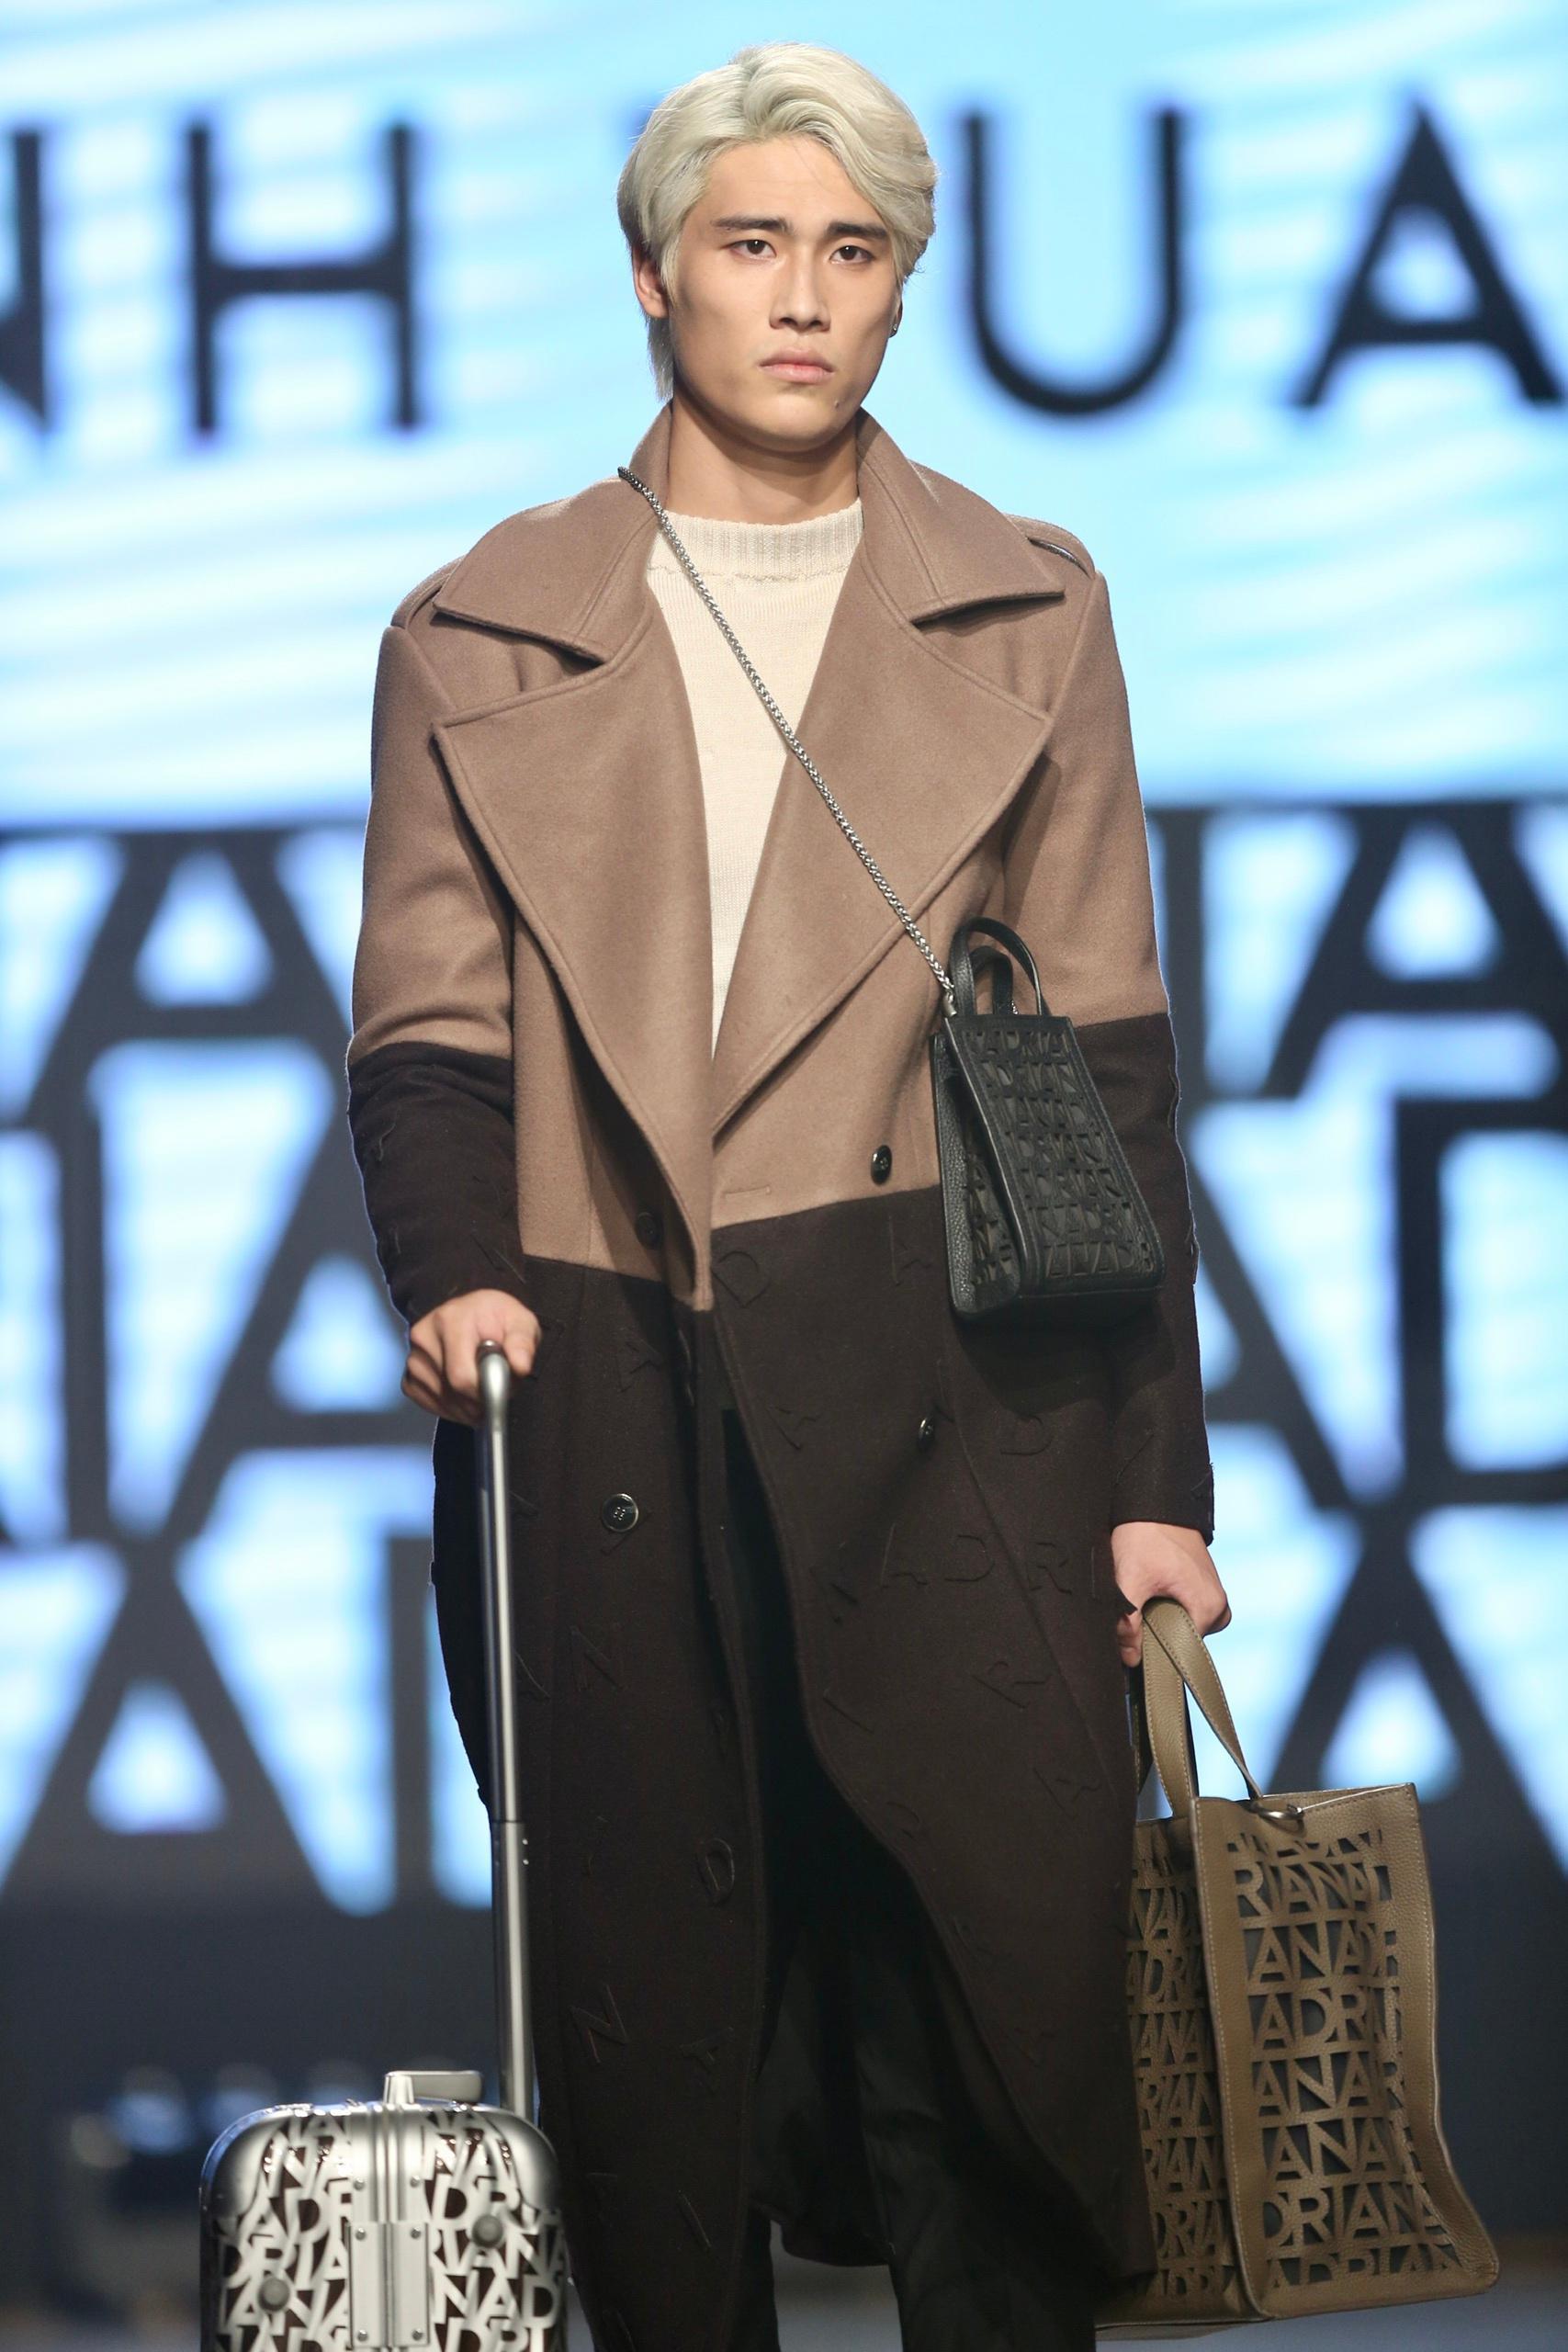 Hoa hậu Tiểu Vy mặc áo lưới gợi cảm trong show thời trang Ảnh 16